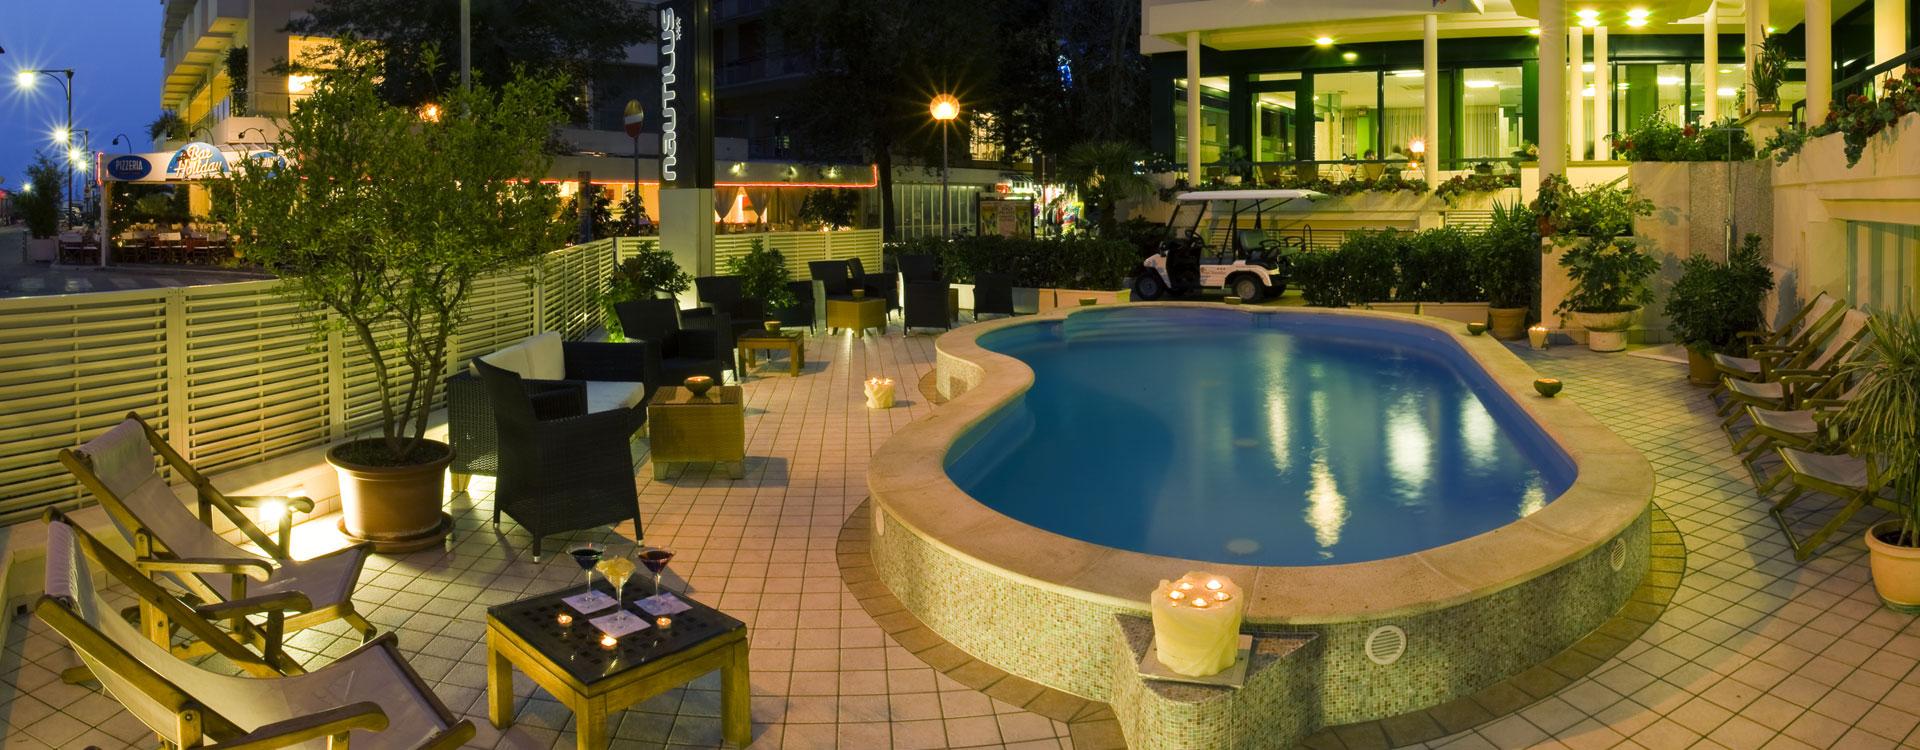 hotel_con_piscina_cattolica